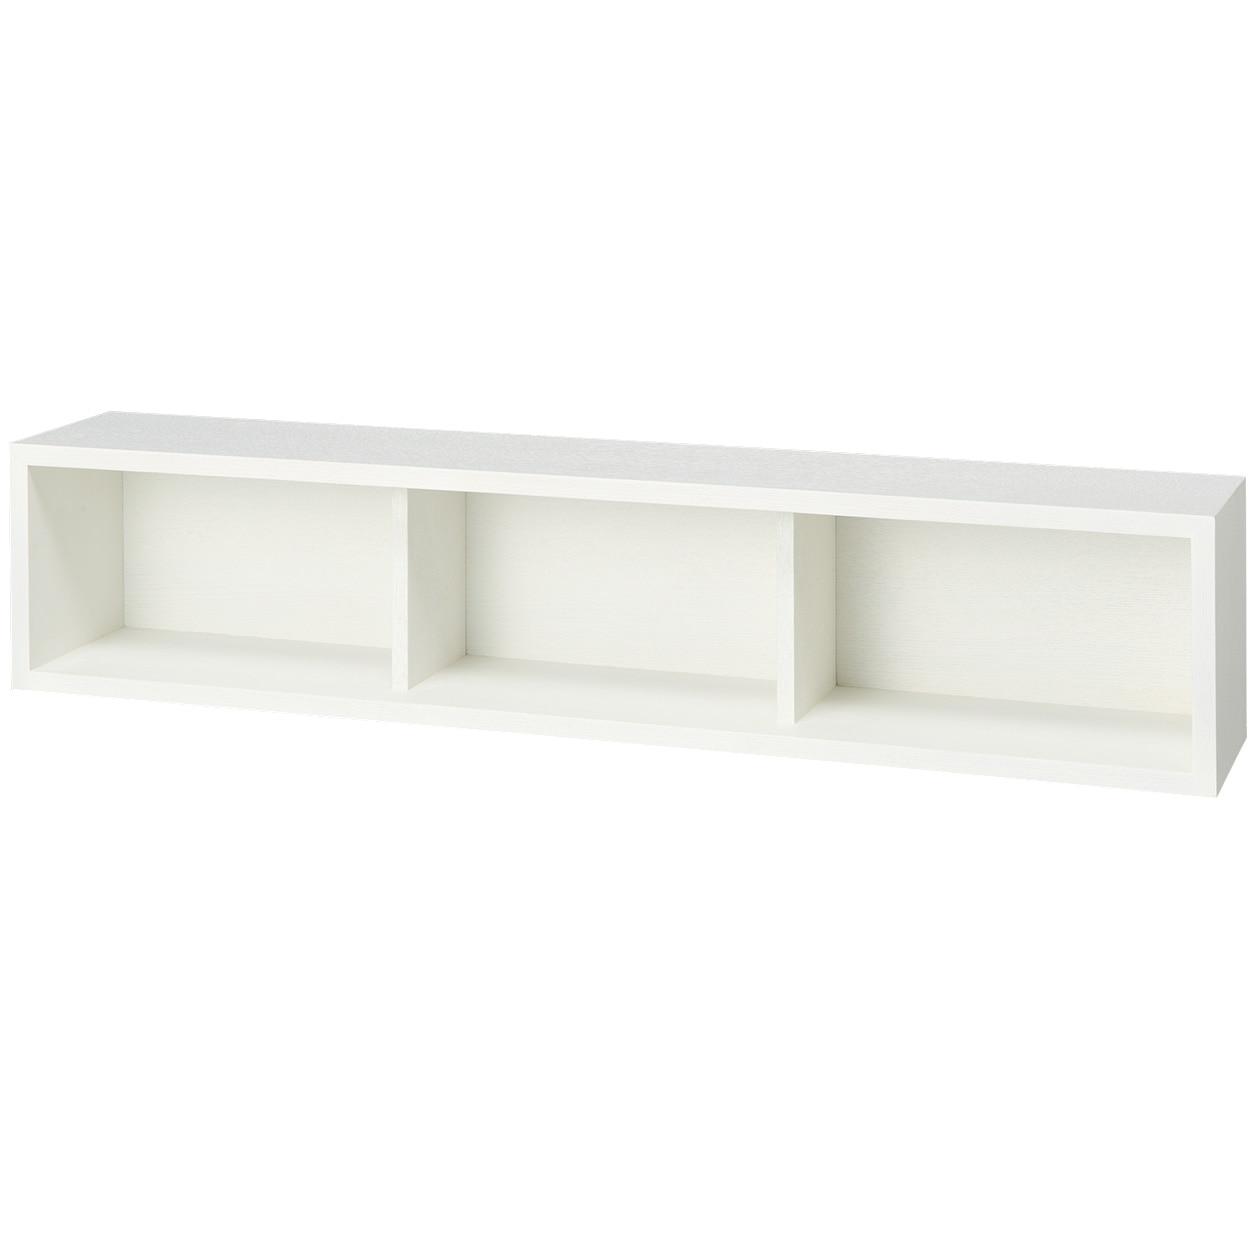 壁に付けられる家具・箱・幅88cm・タモ材/ライトグレーの写真